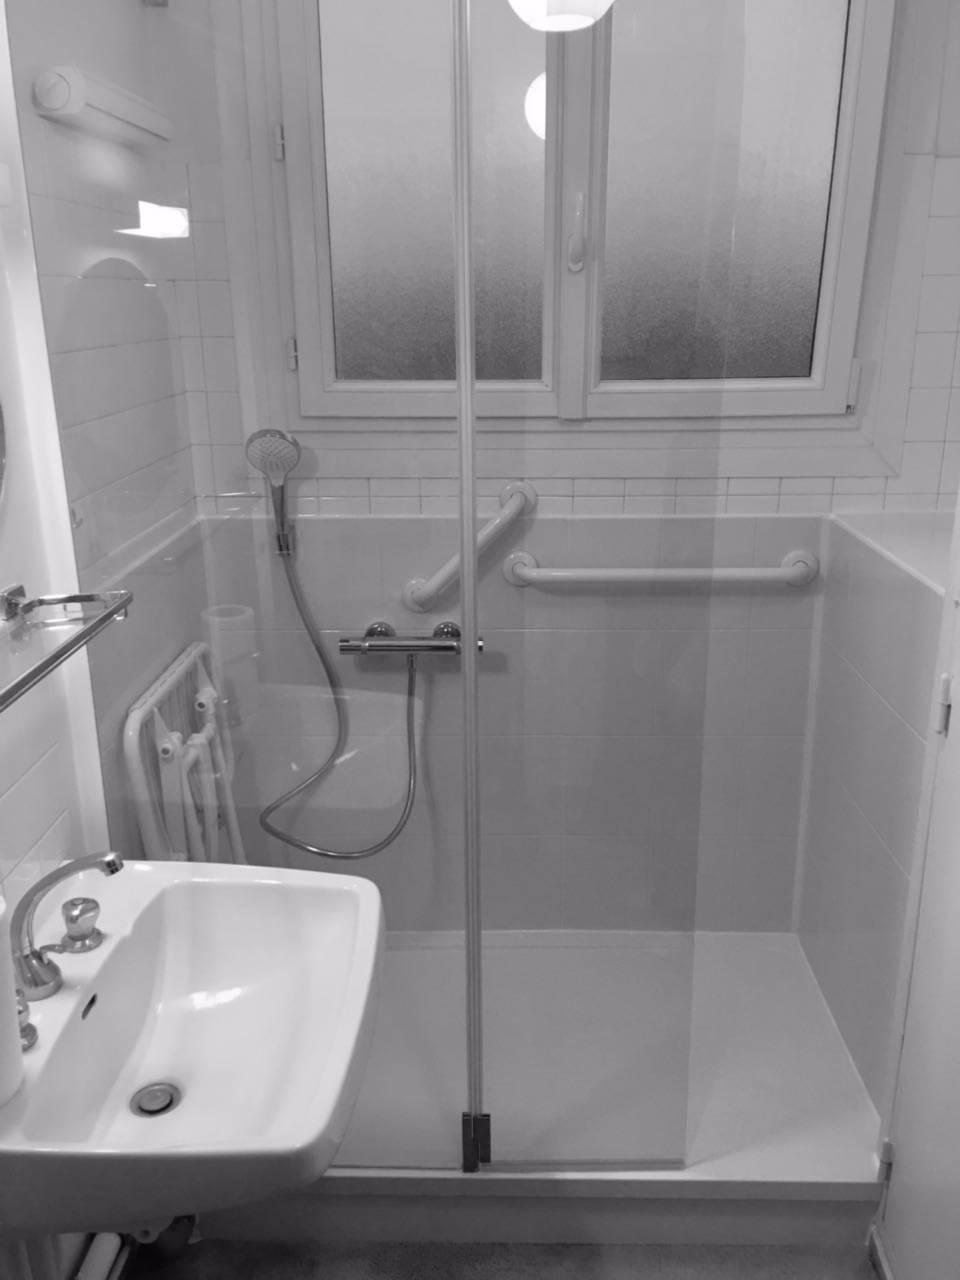 est il possible de remplacer ma baignoire par une douche securisee en une journee